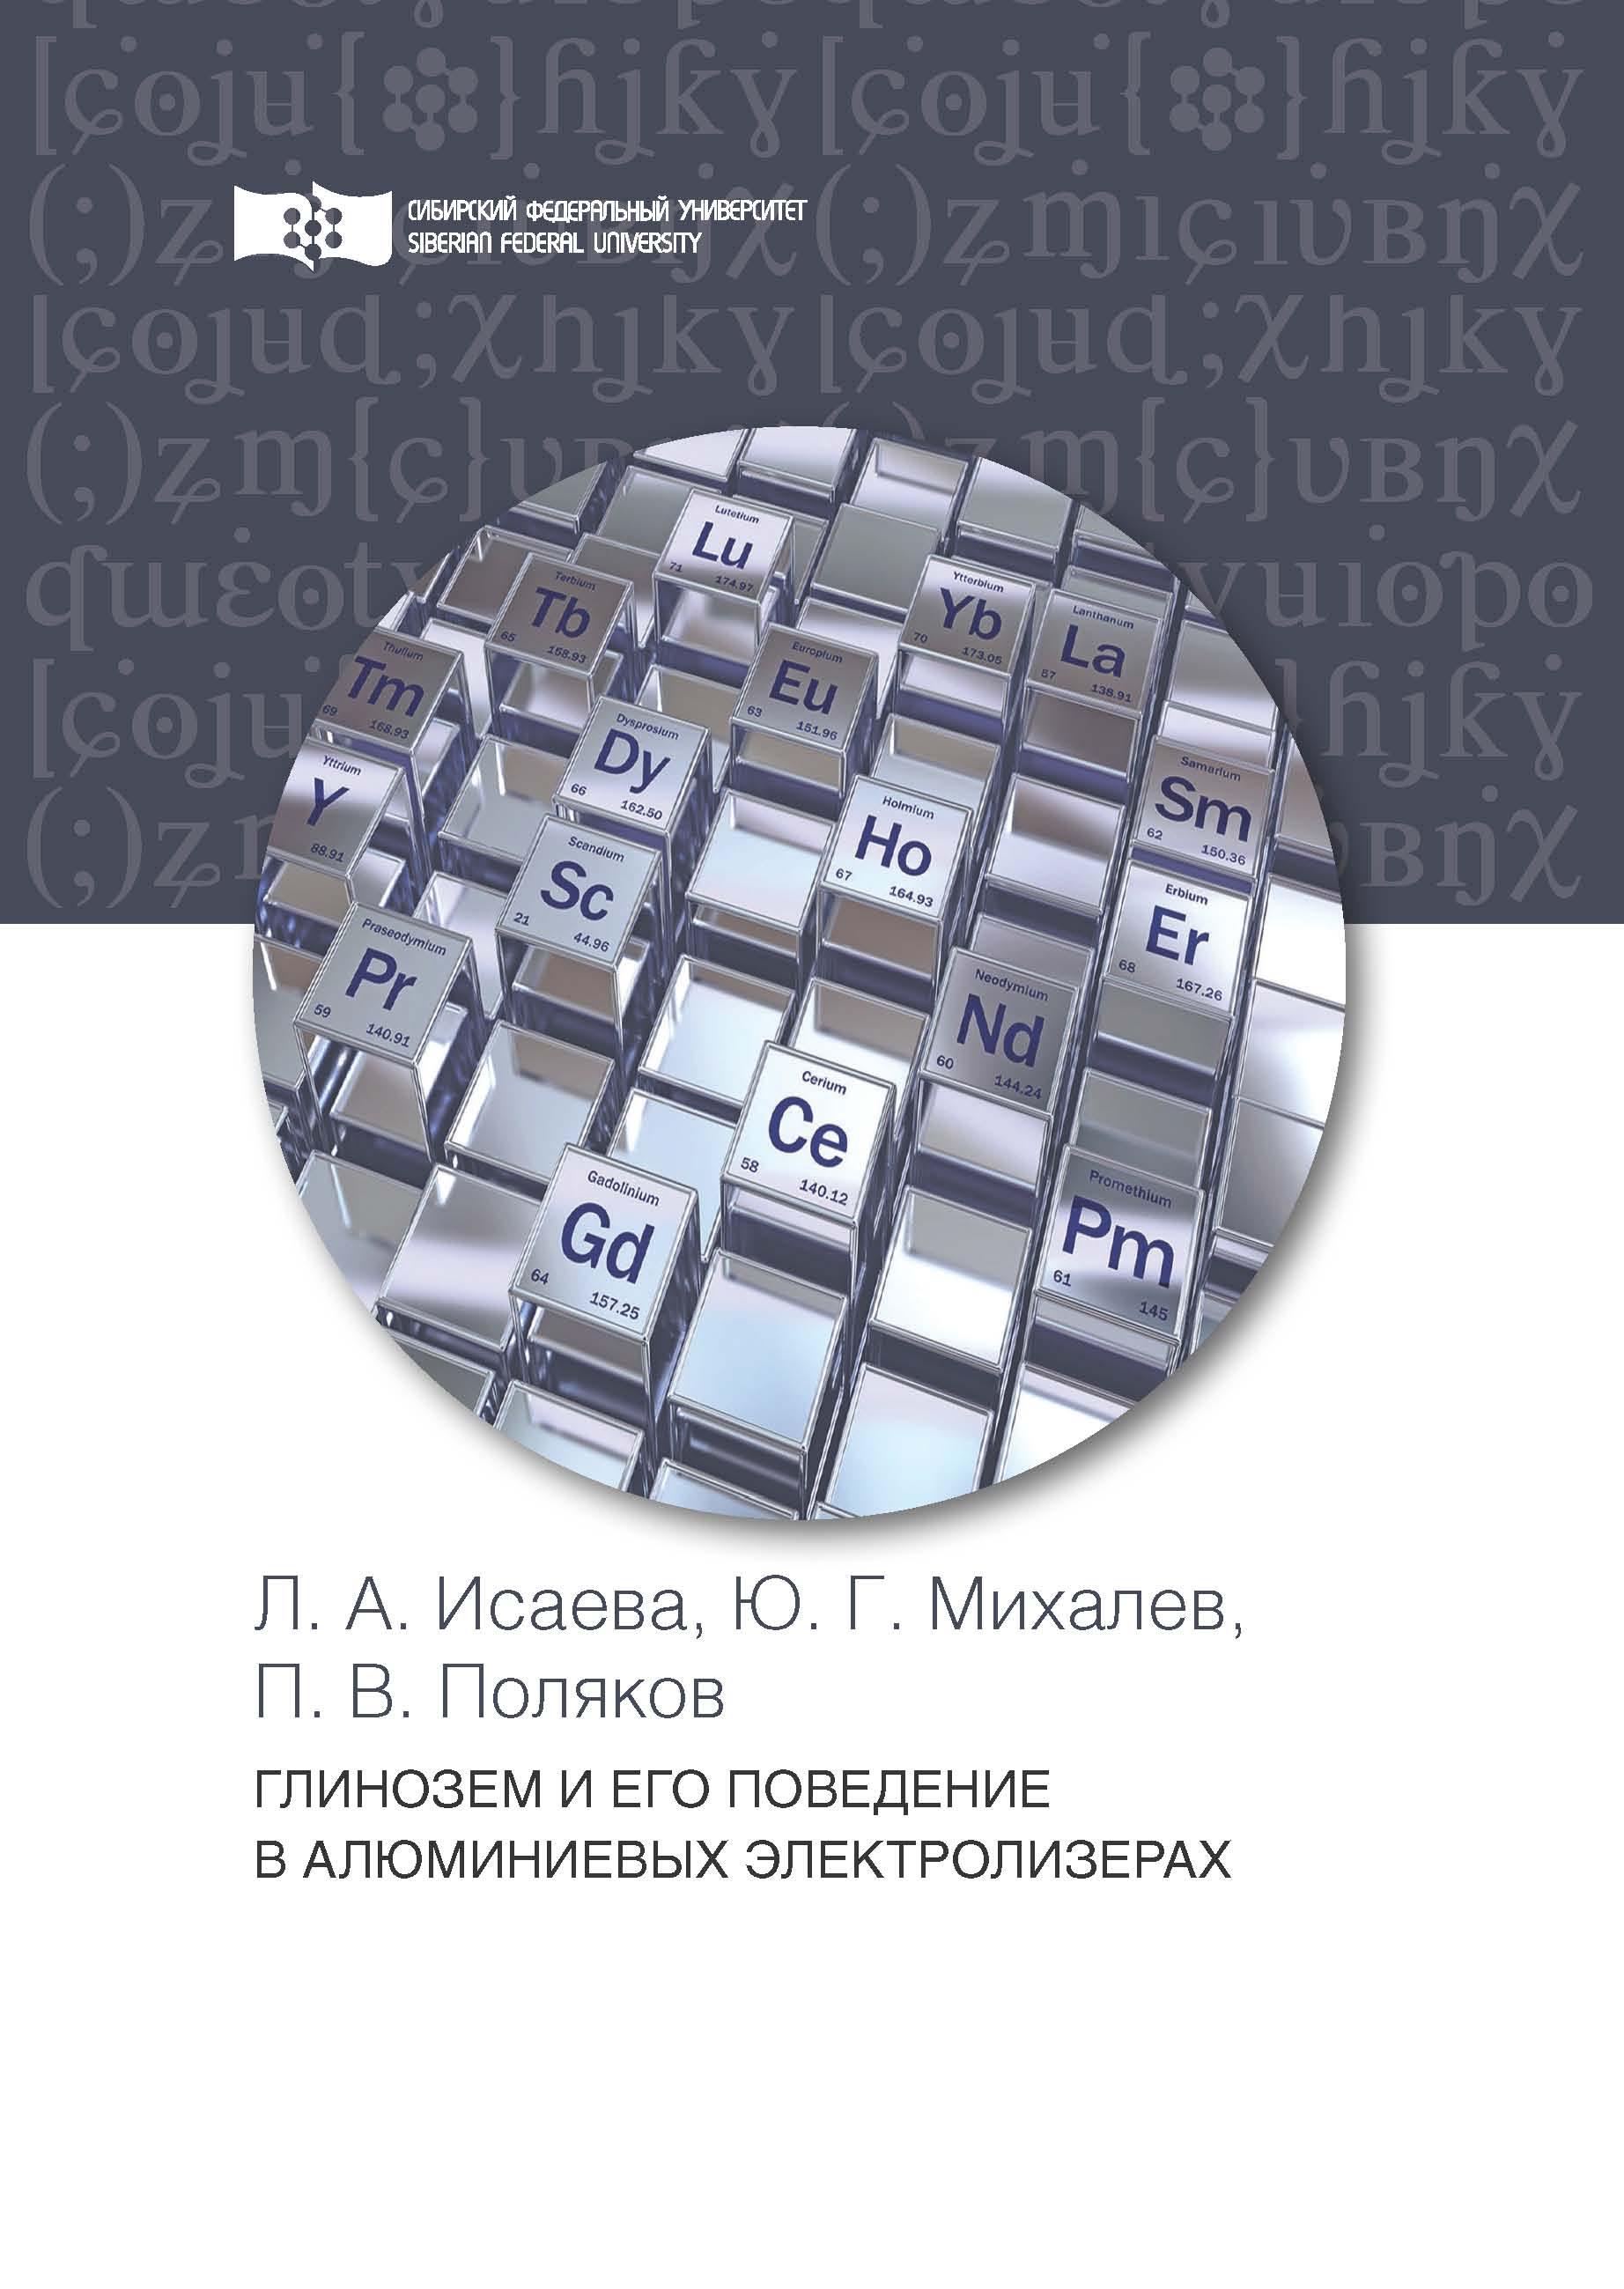 Глинозем и его поведение в алюминиевых электролизерах